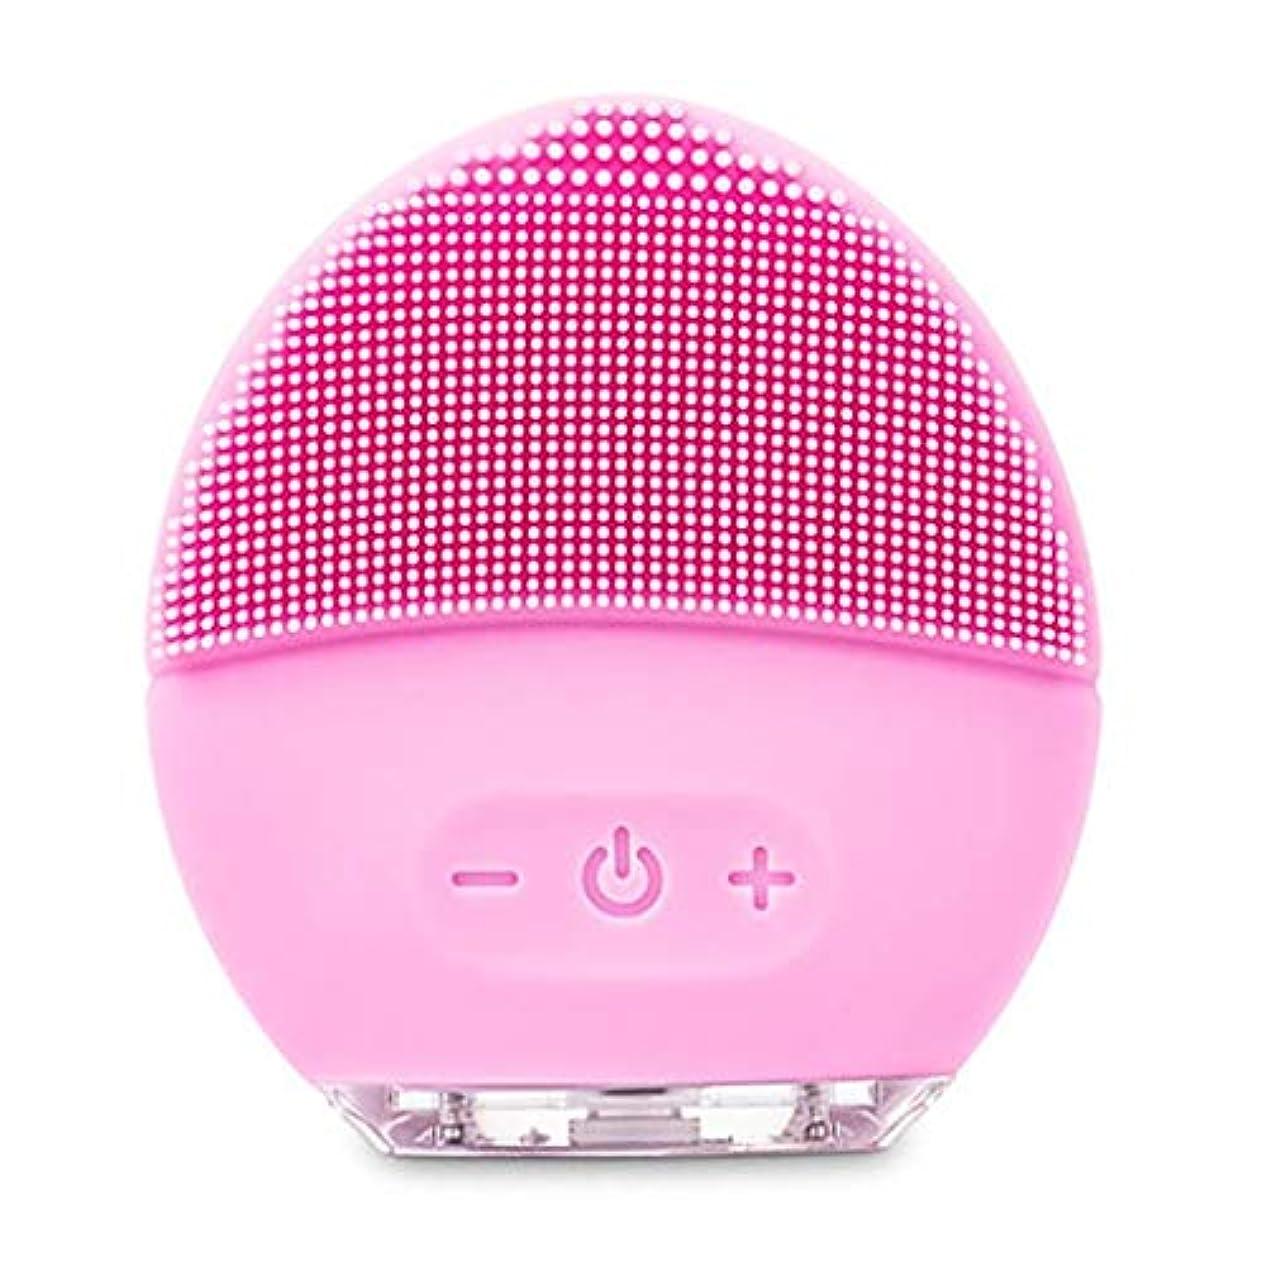 かるバタフライ昇進クレンジングマッサージ器、電動洗顔ブラシ、シリコーン美顔器、ファーミング肌、アンチエイジングスクラッチクレンザー (Color : ピンク, Size : One size)